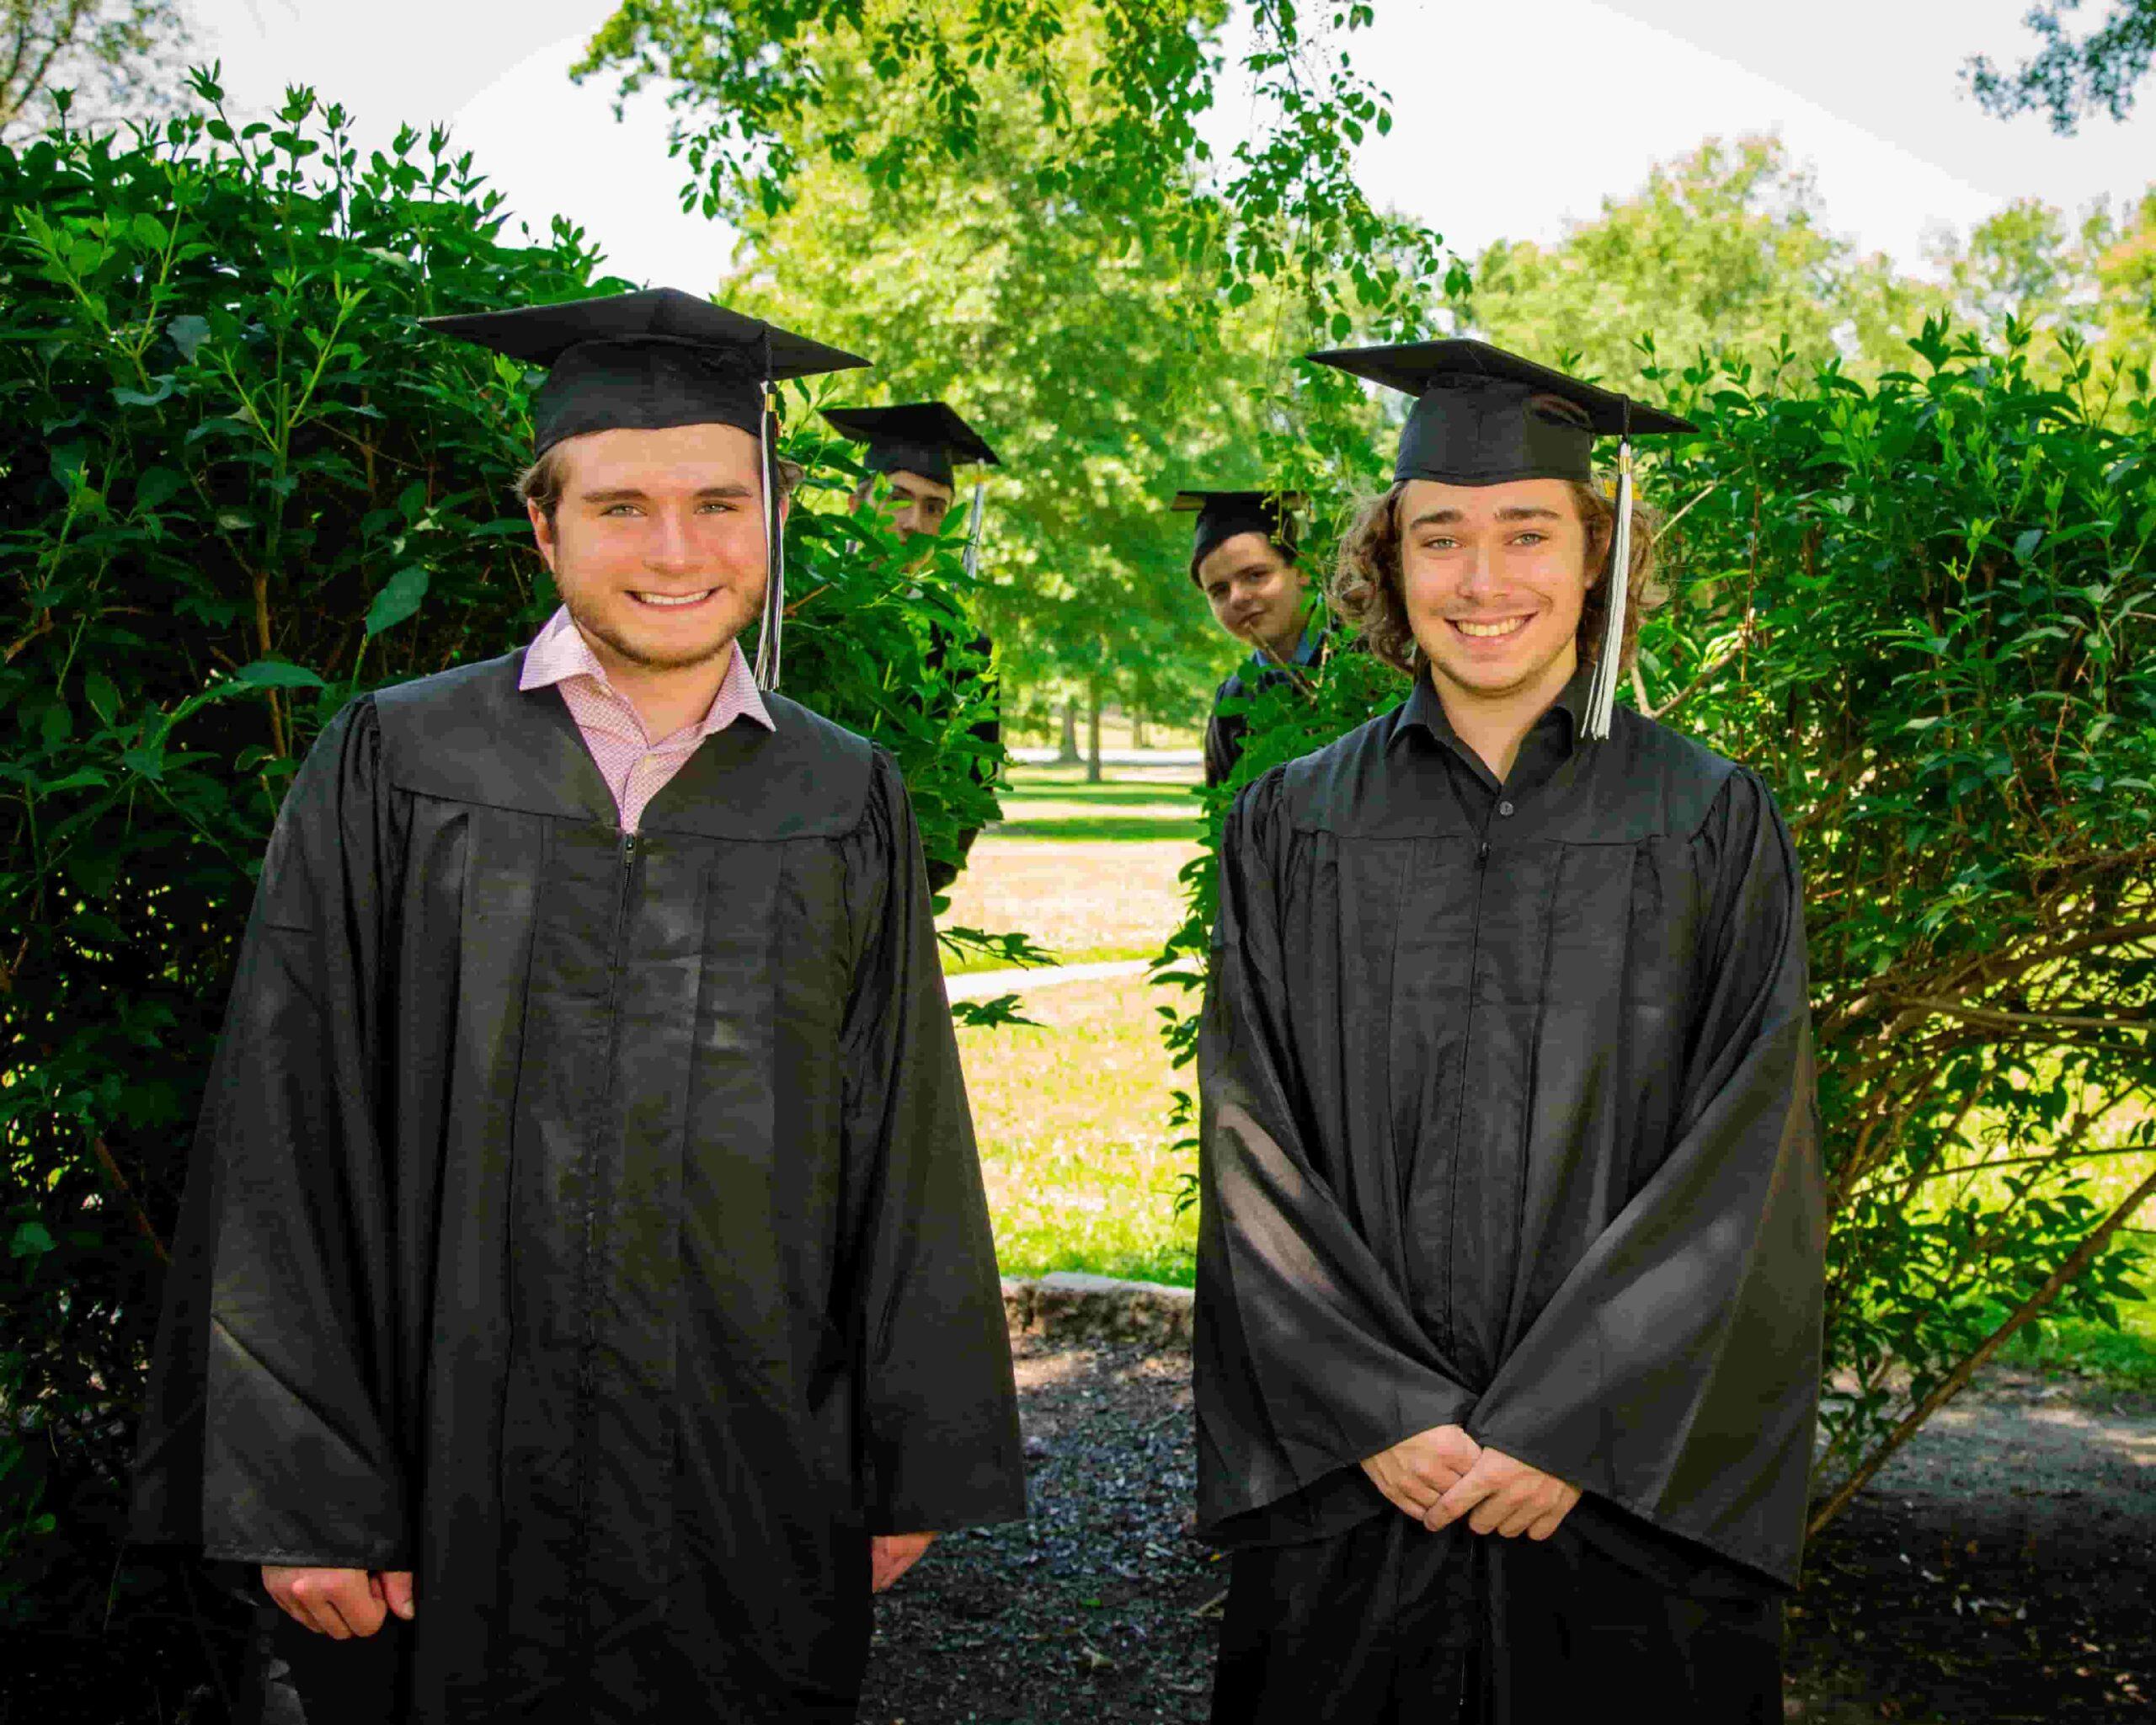 Senior Portraits Burlington